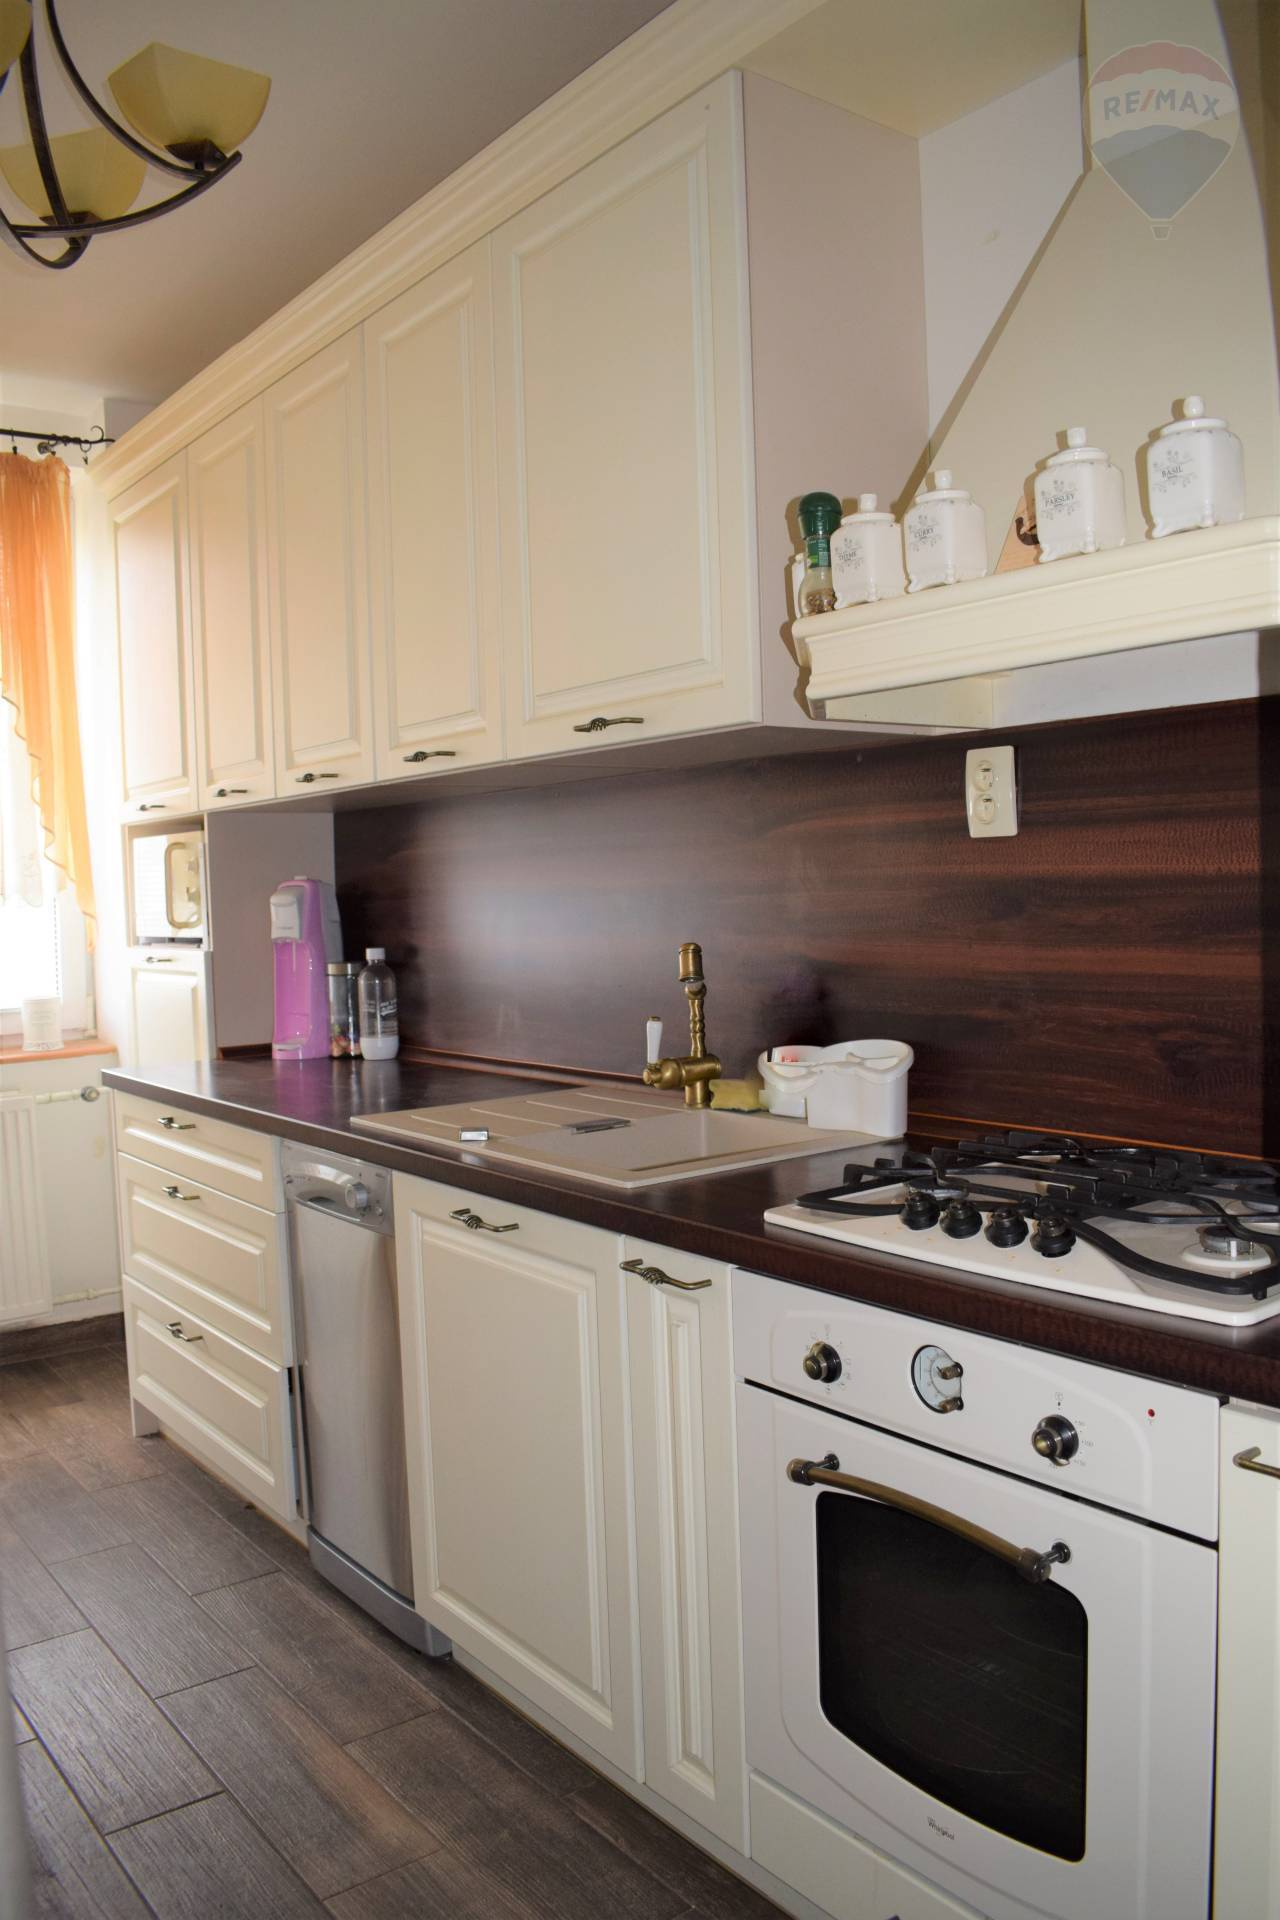 3 izbový byt na ulici Laboreckej v Humennom, na prenájom.